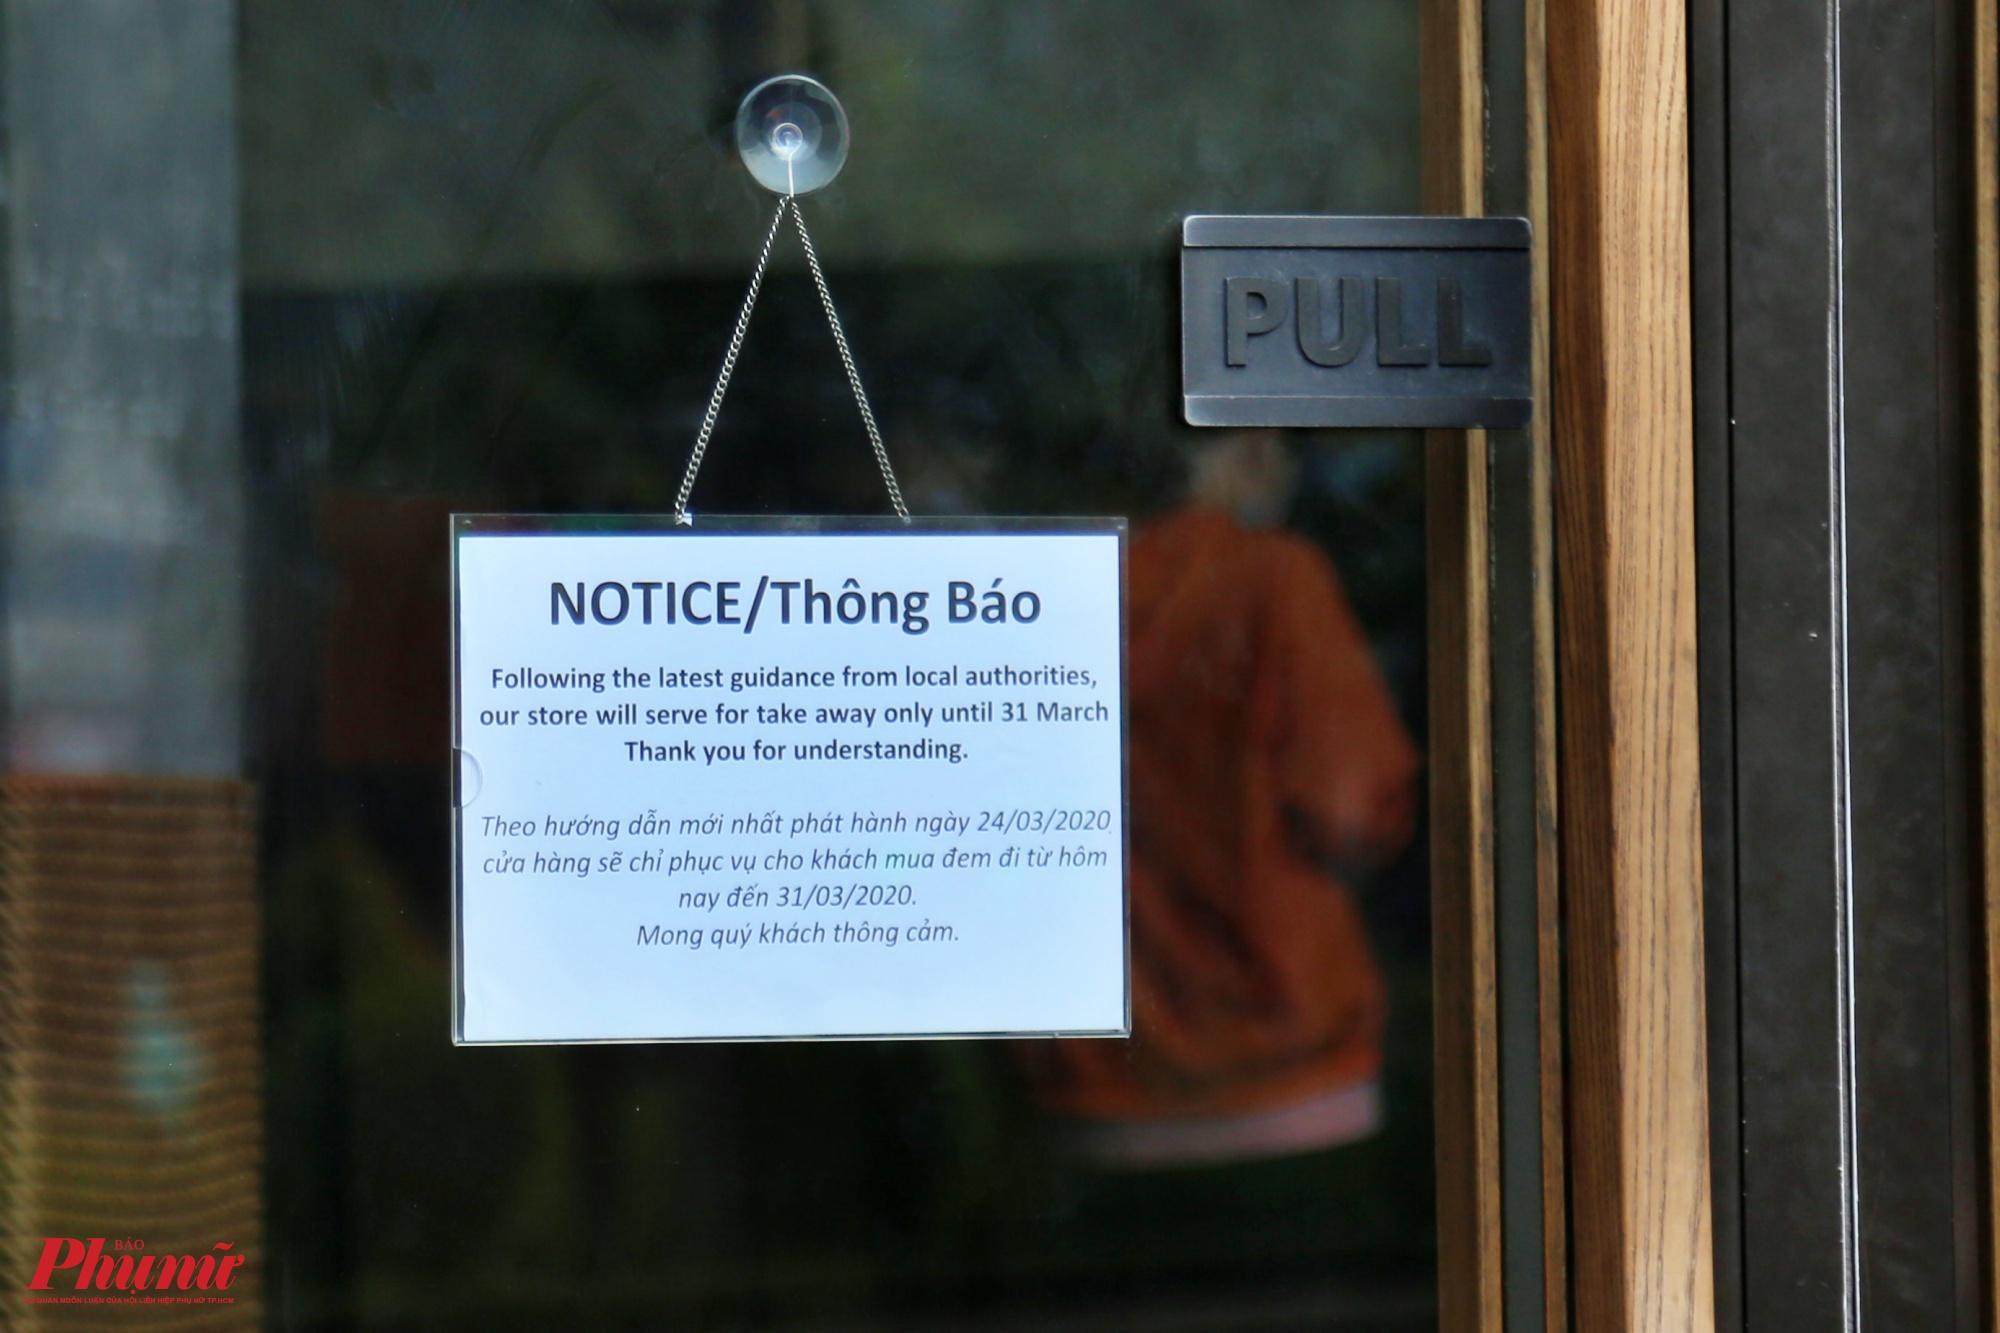 Một quán cà phế trên đường Trần Quang Khải, quận 1 dáng bảng thông báo về việc tạm ngưng phục và phục vụ cho khách mua mang đi đến hết ngày 31/3/2020